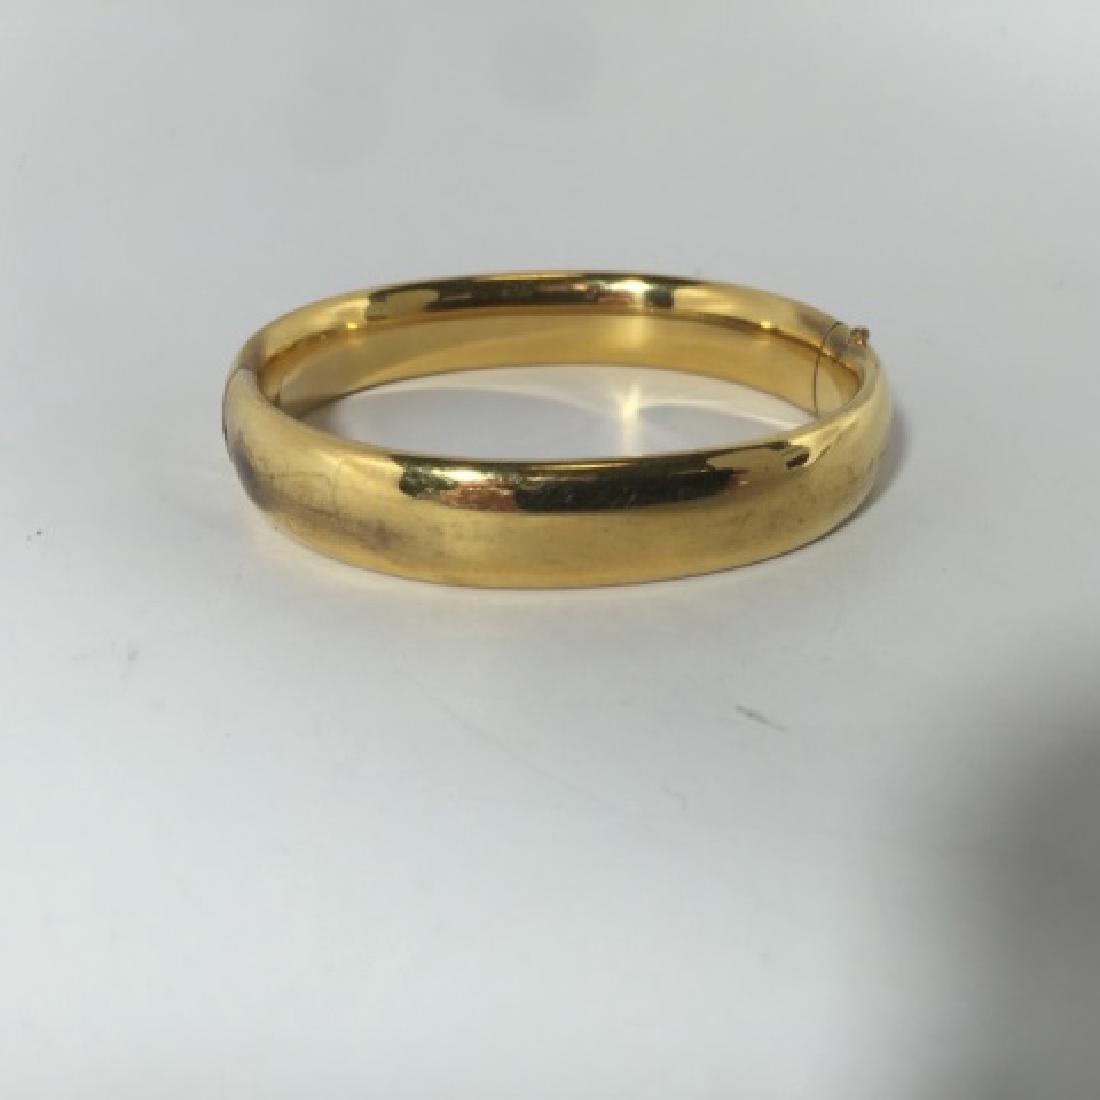 Vintage Chased Floral Design Gold Bracelet - 6